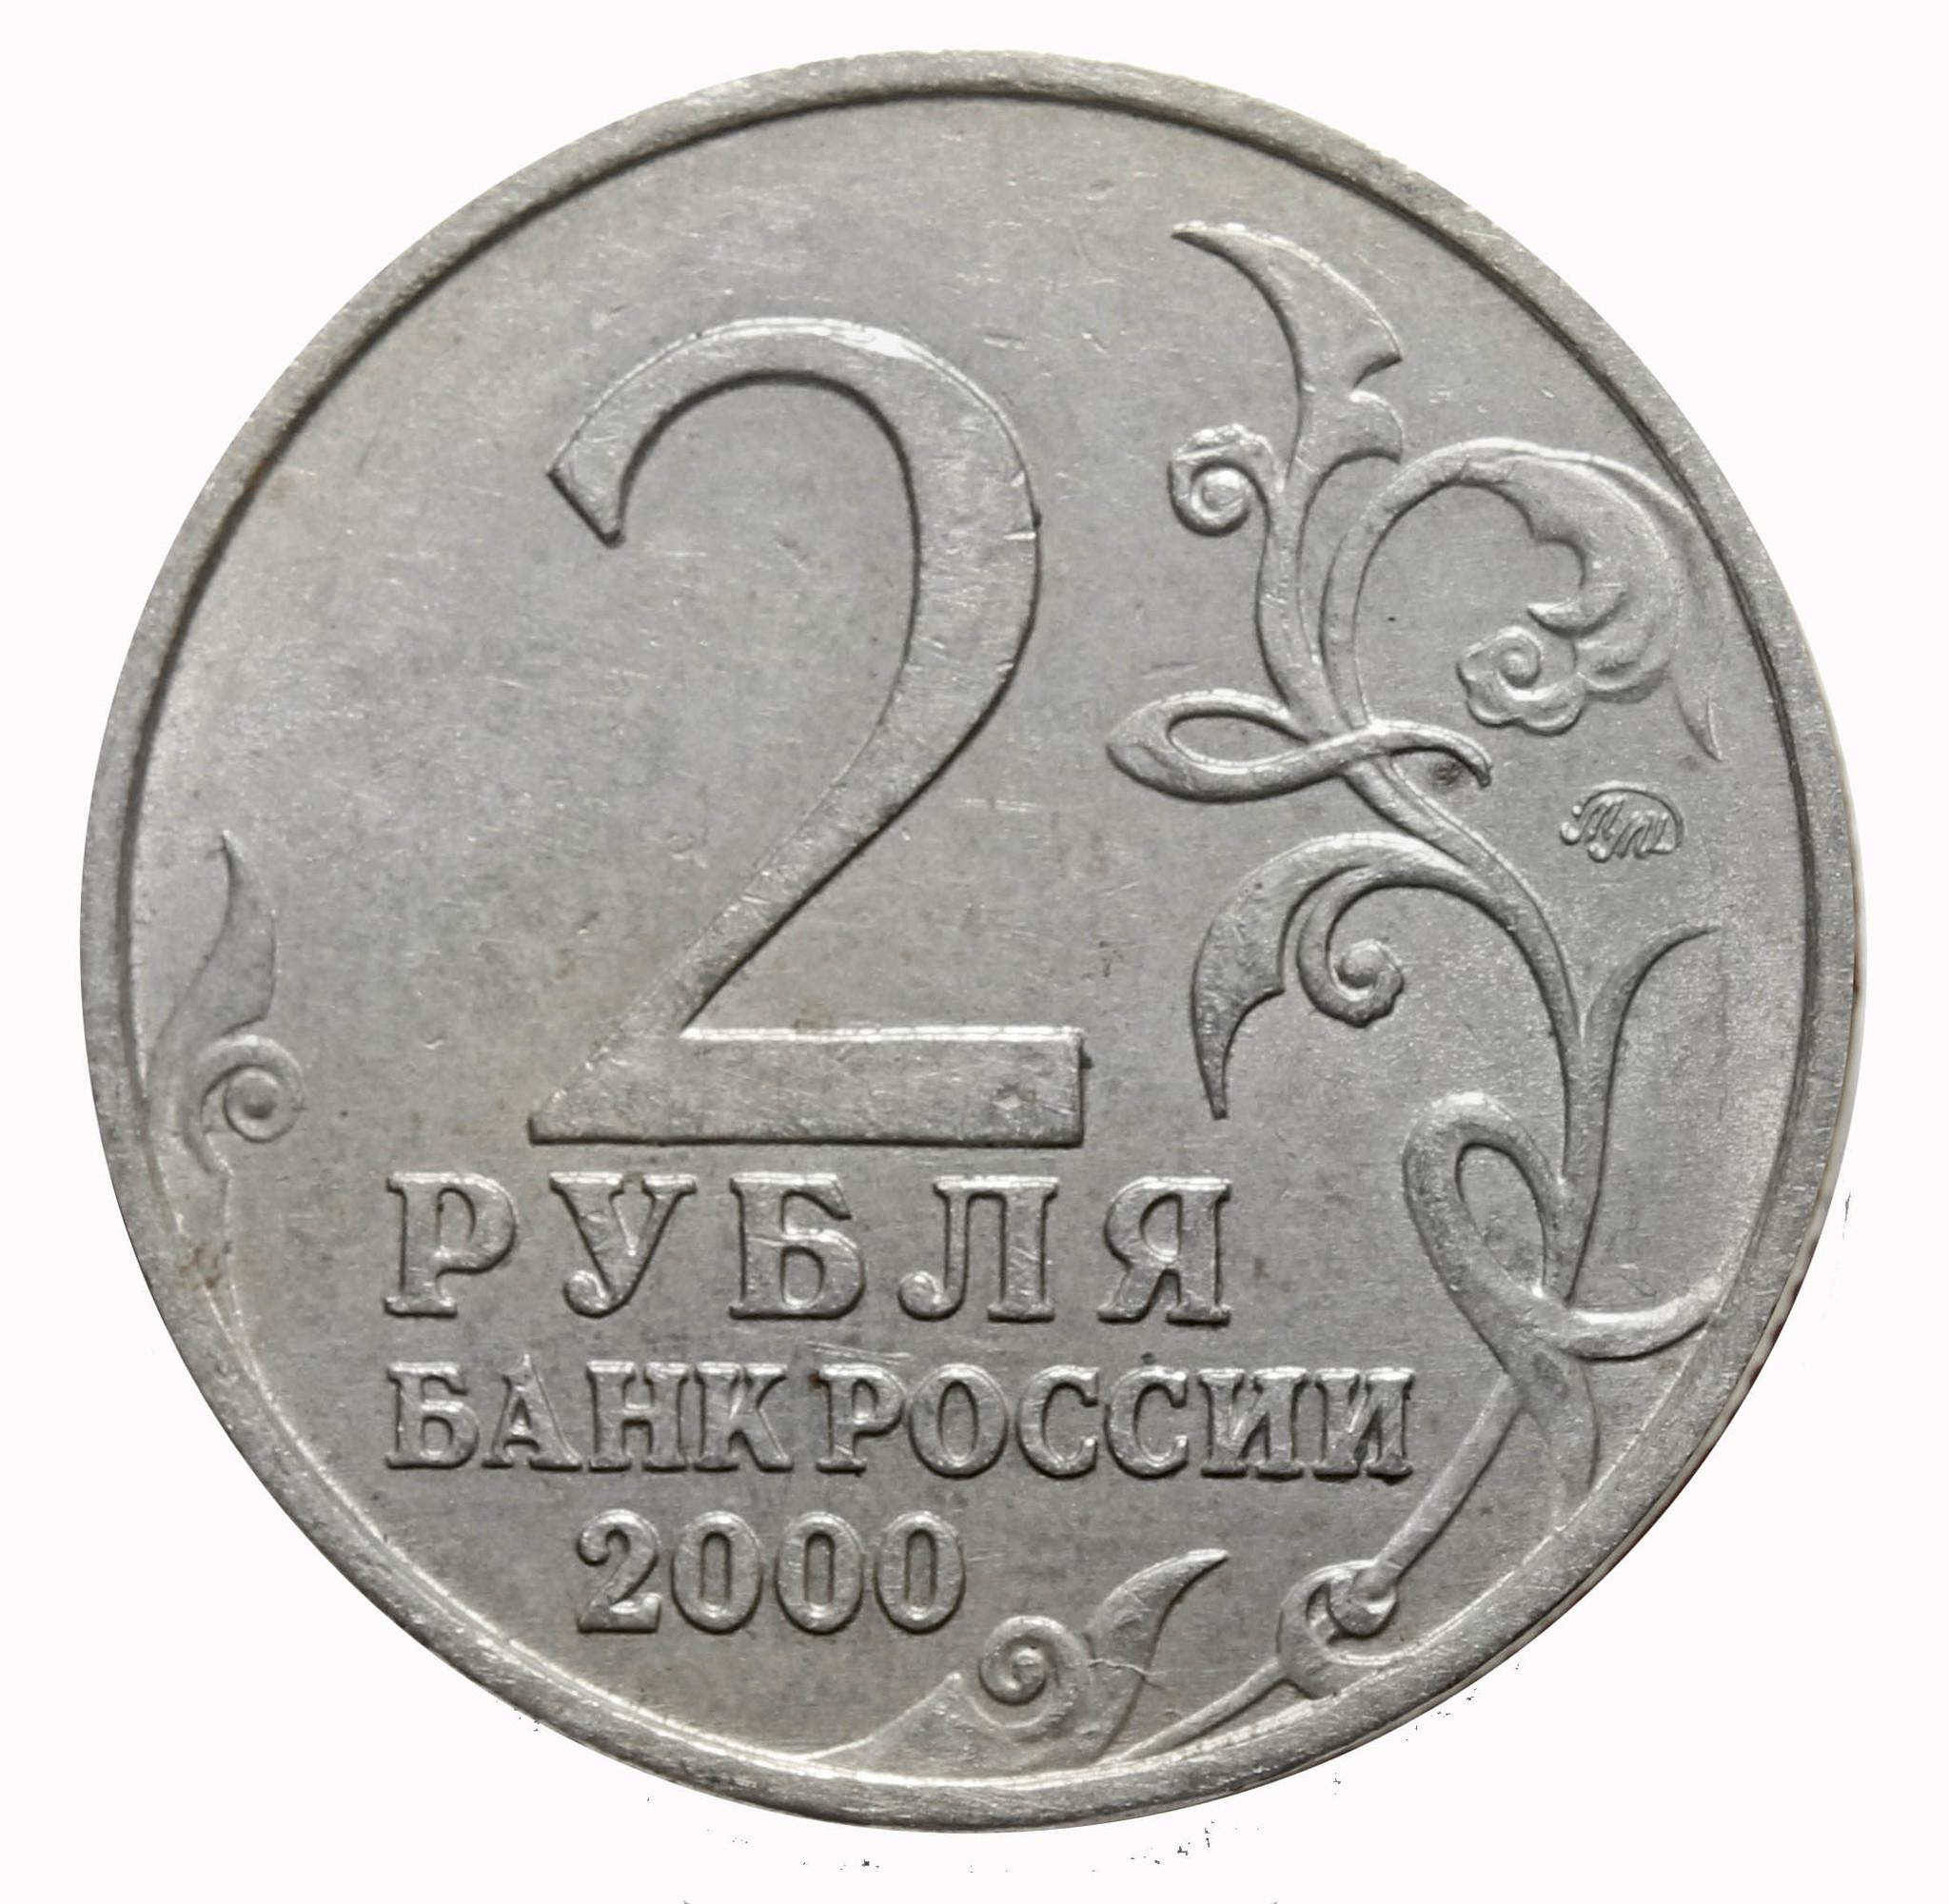 2 рубля Мурманск 2000 год